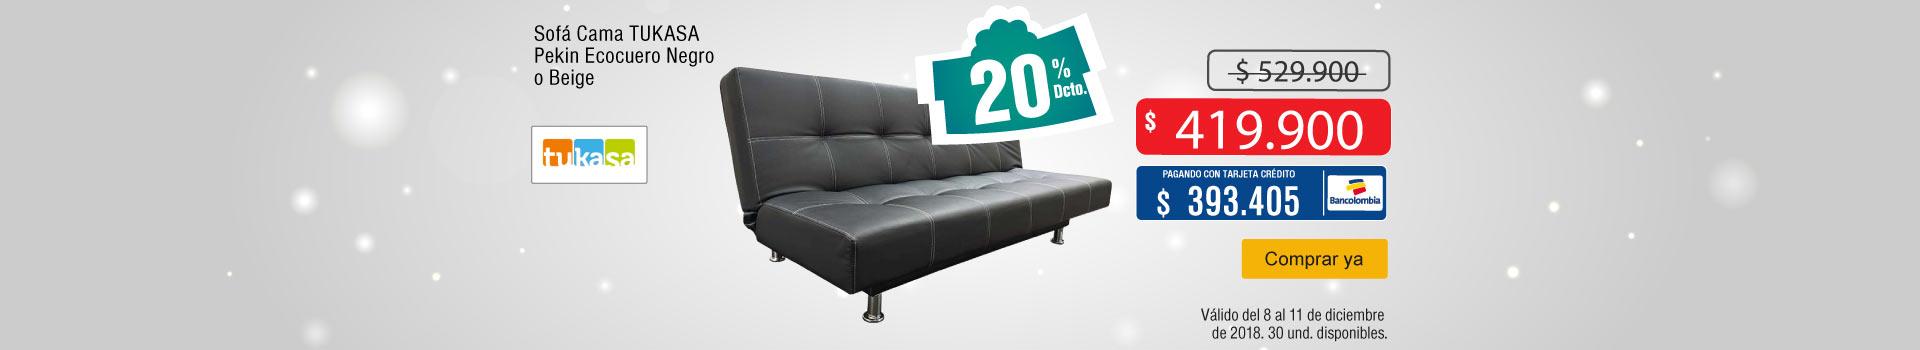 AK-BCAT-1-hogar---muebles-tukasa-sofa-cama-pekin-ecocuero-Dic8